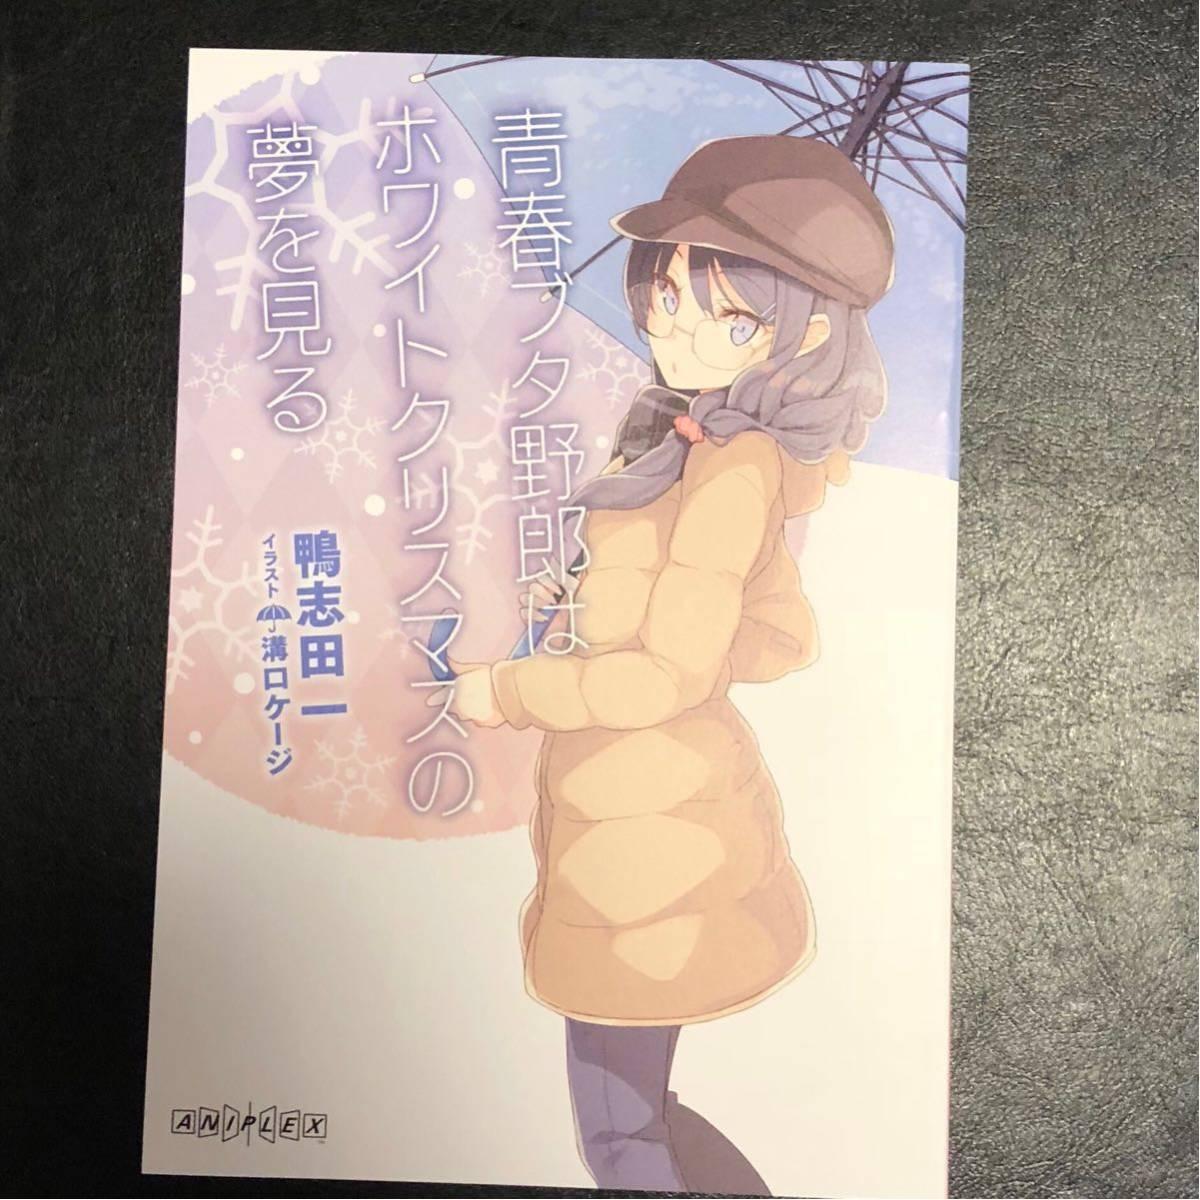 青春ブタ野郎はゆめみる少女の夢を見ない 1週目 入場者特典 小説